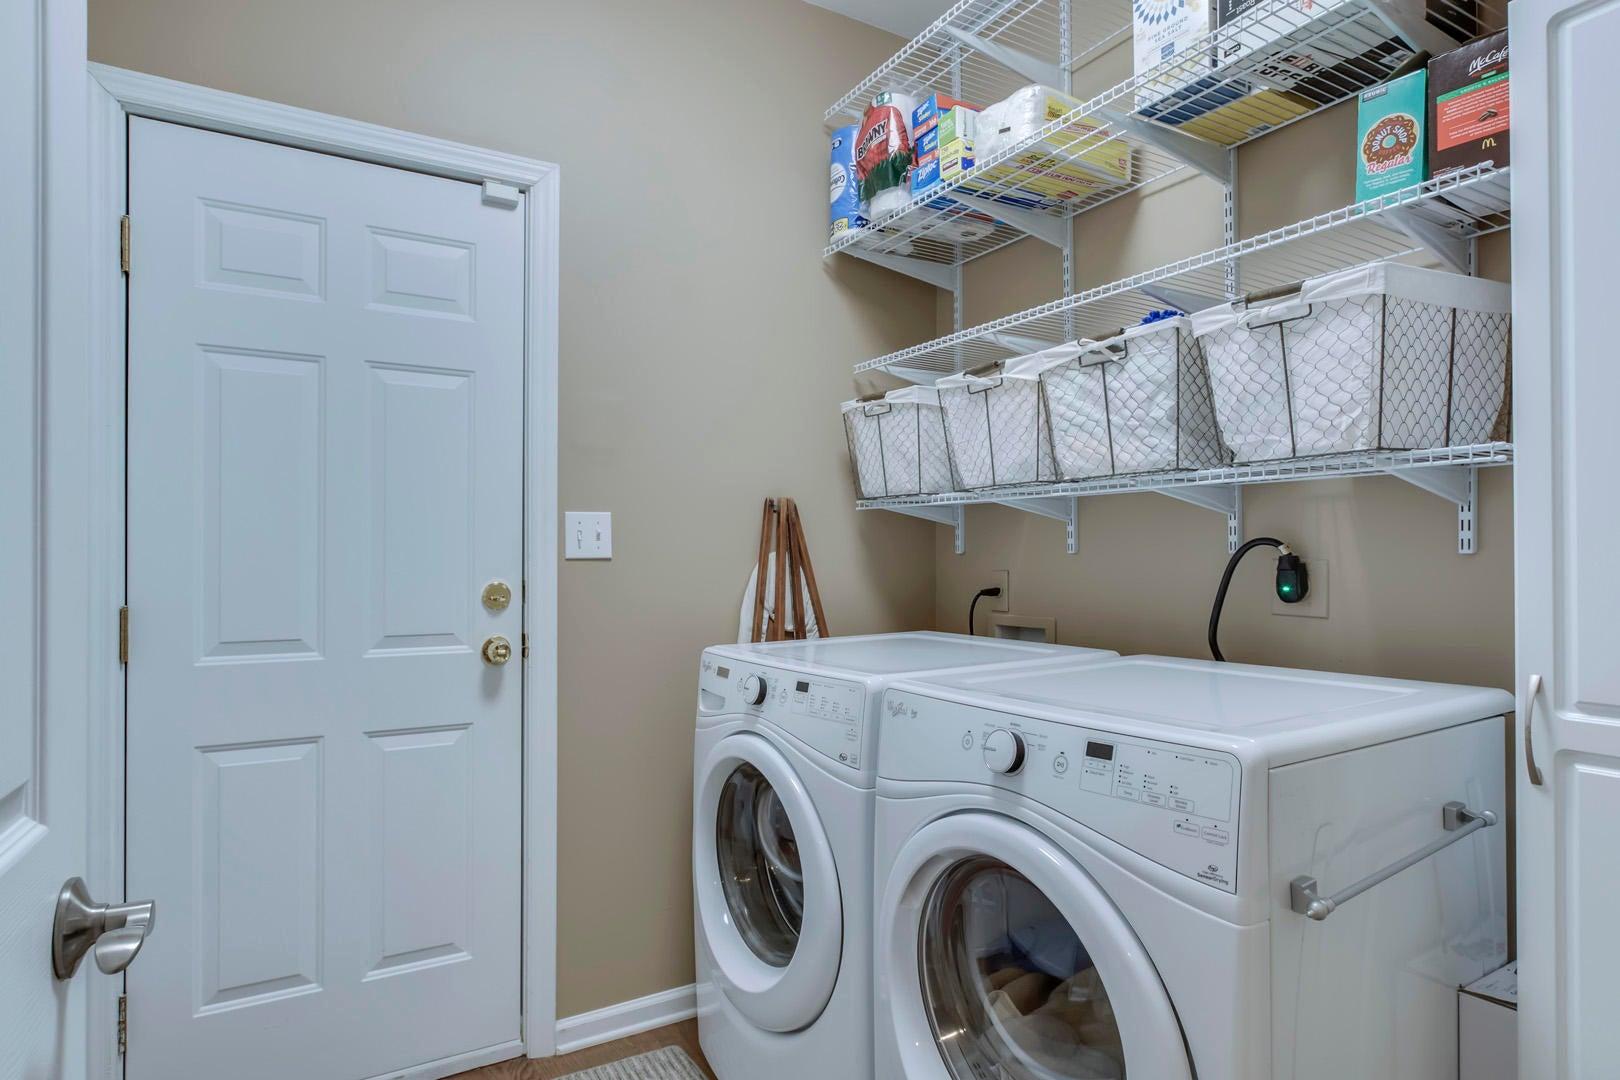 35_177 Depew Drive_Laundry